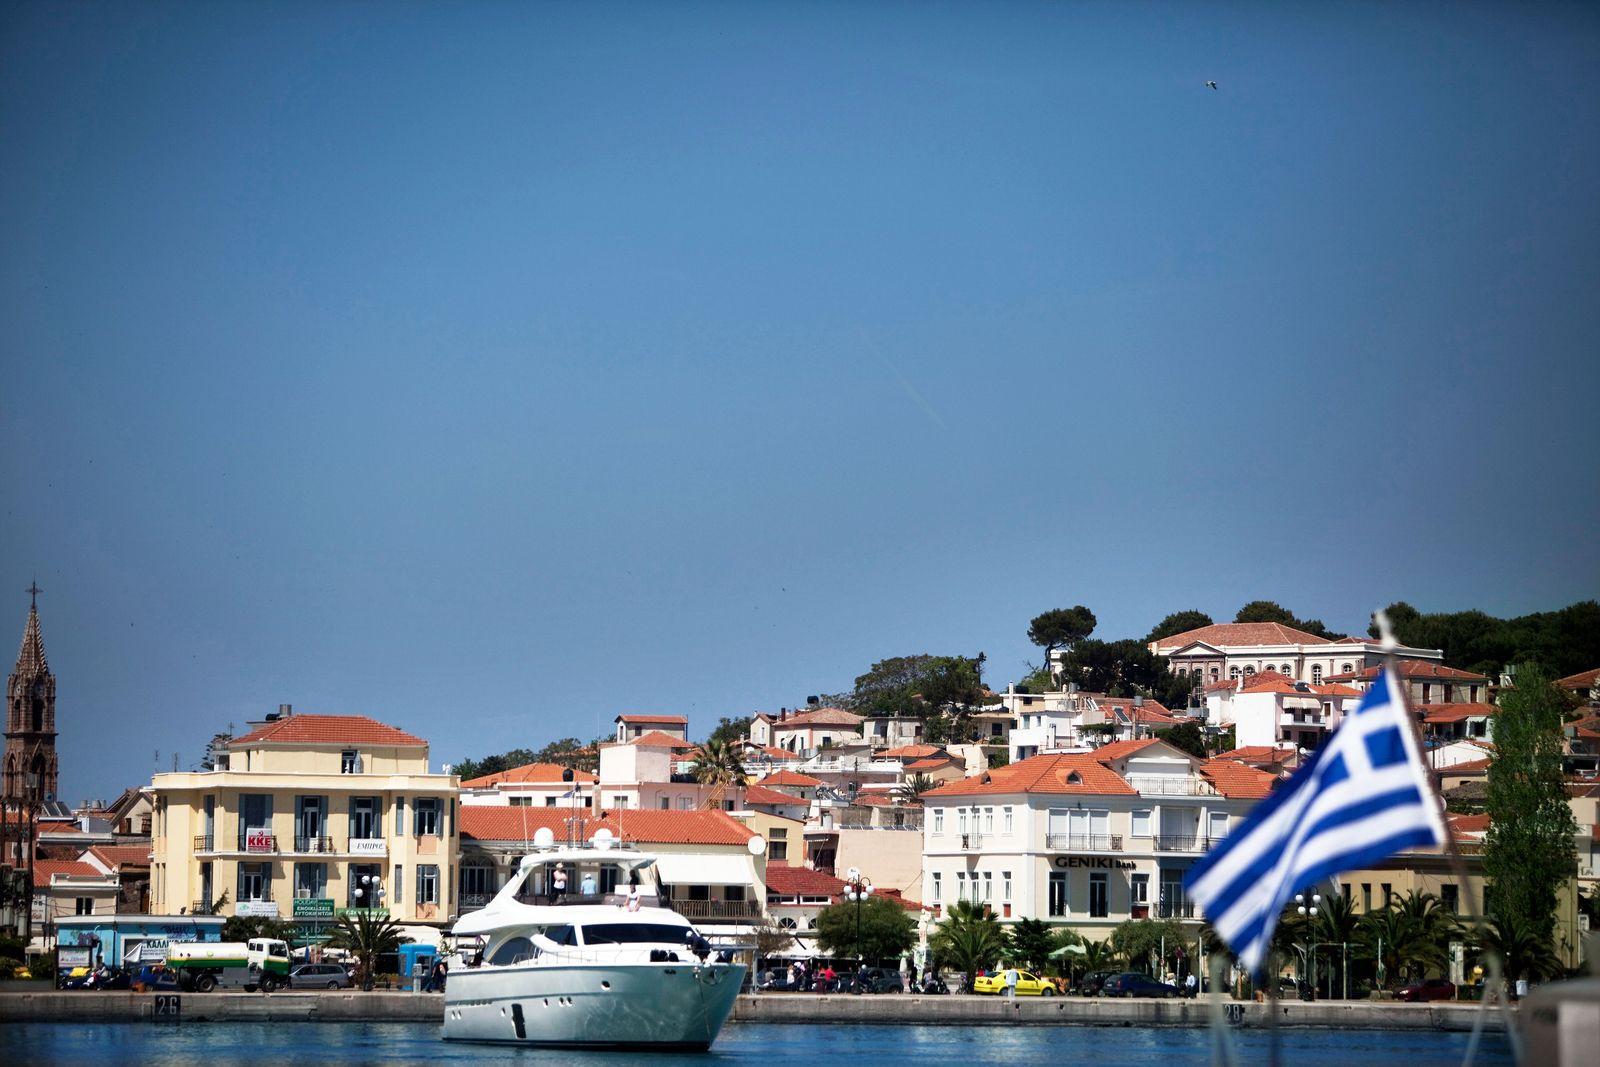 Griechenland / Reichtum / Yacht